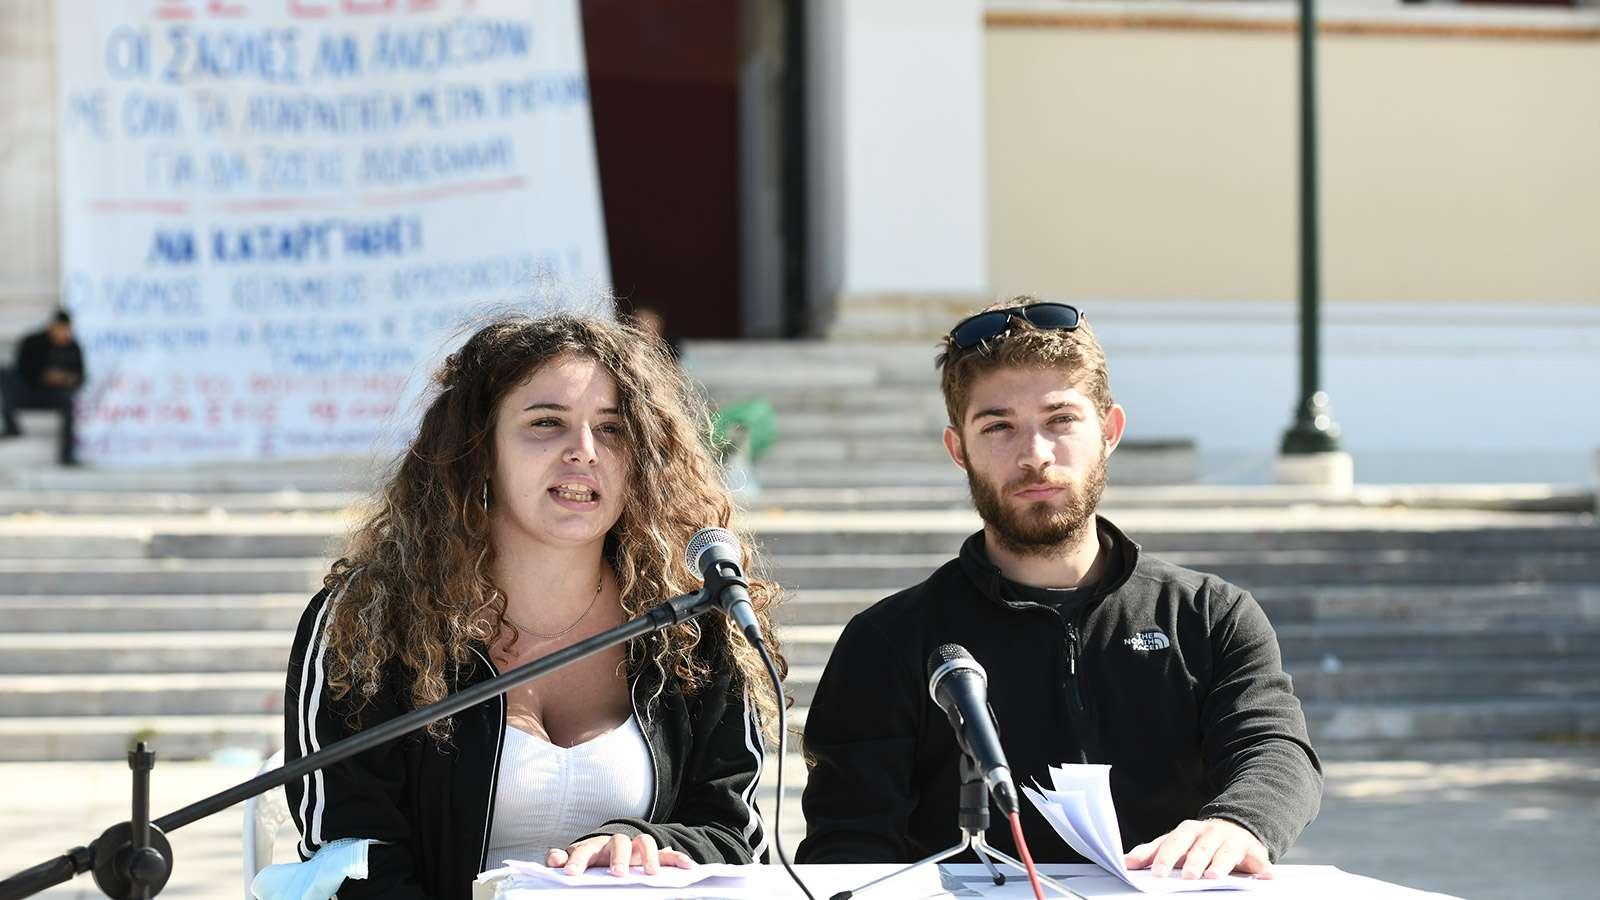 ΜΑΣ Συνέντευξη Τύπου «Να γίνουμε φοιτητές ξανά! Φοιτητές όπως μας αξίζει»